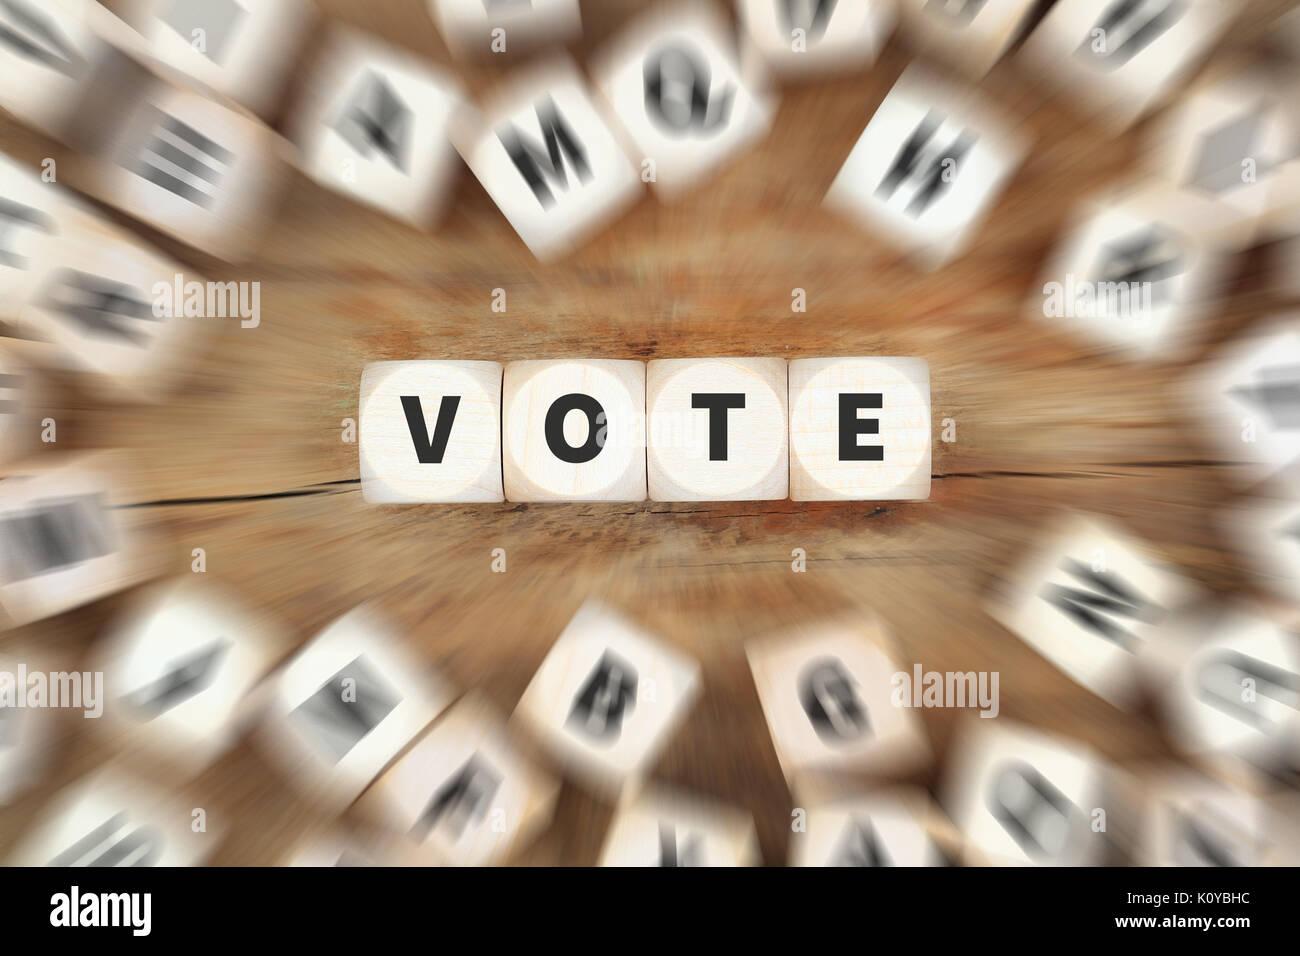 Votación elección política dados concepto empresarial Imagen De Stock